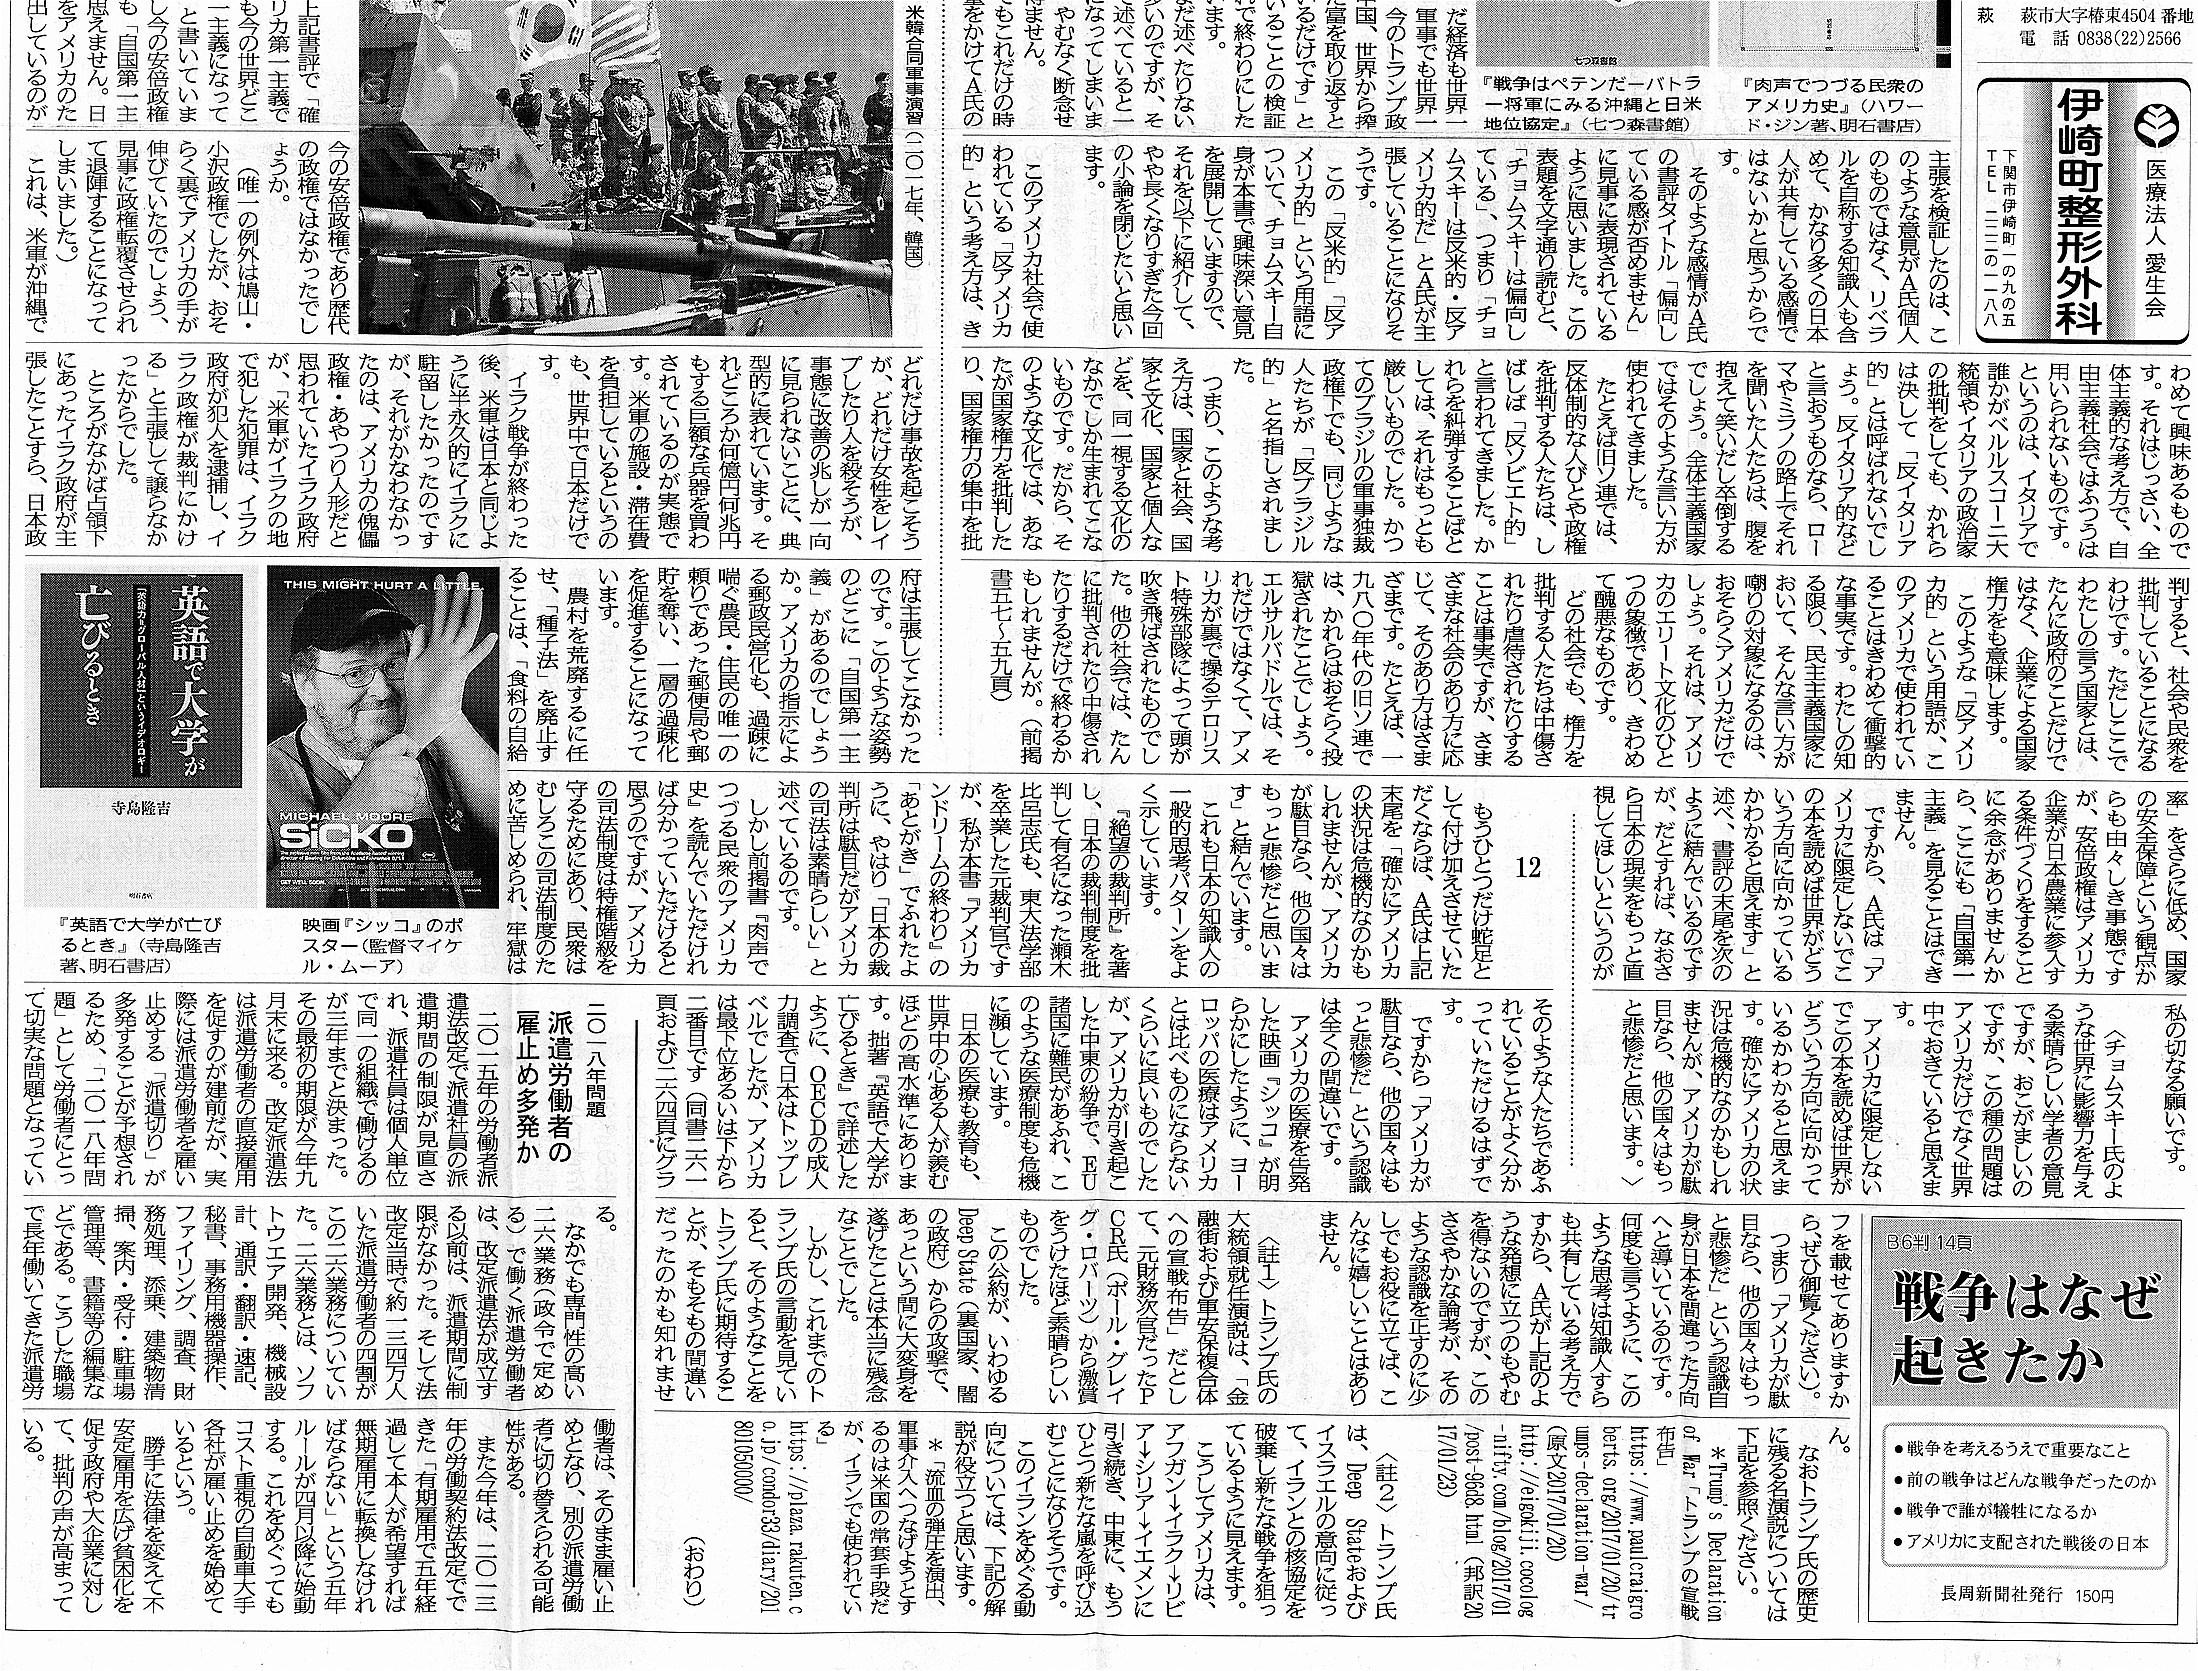 s-長周新聞20180117 「アメリカの読み方、世界の読み方」 2-2